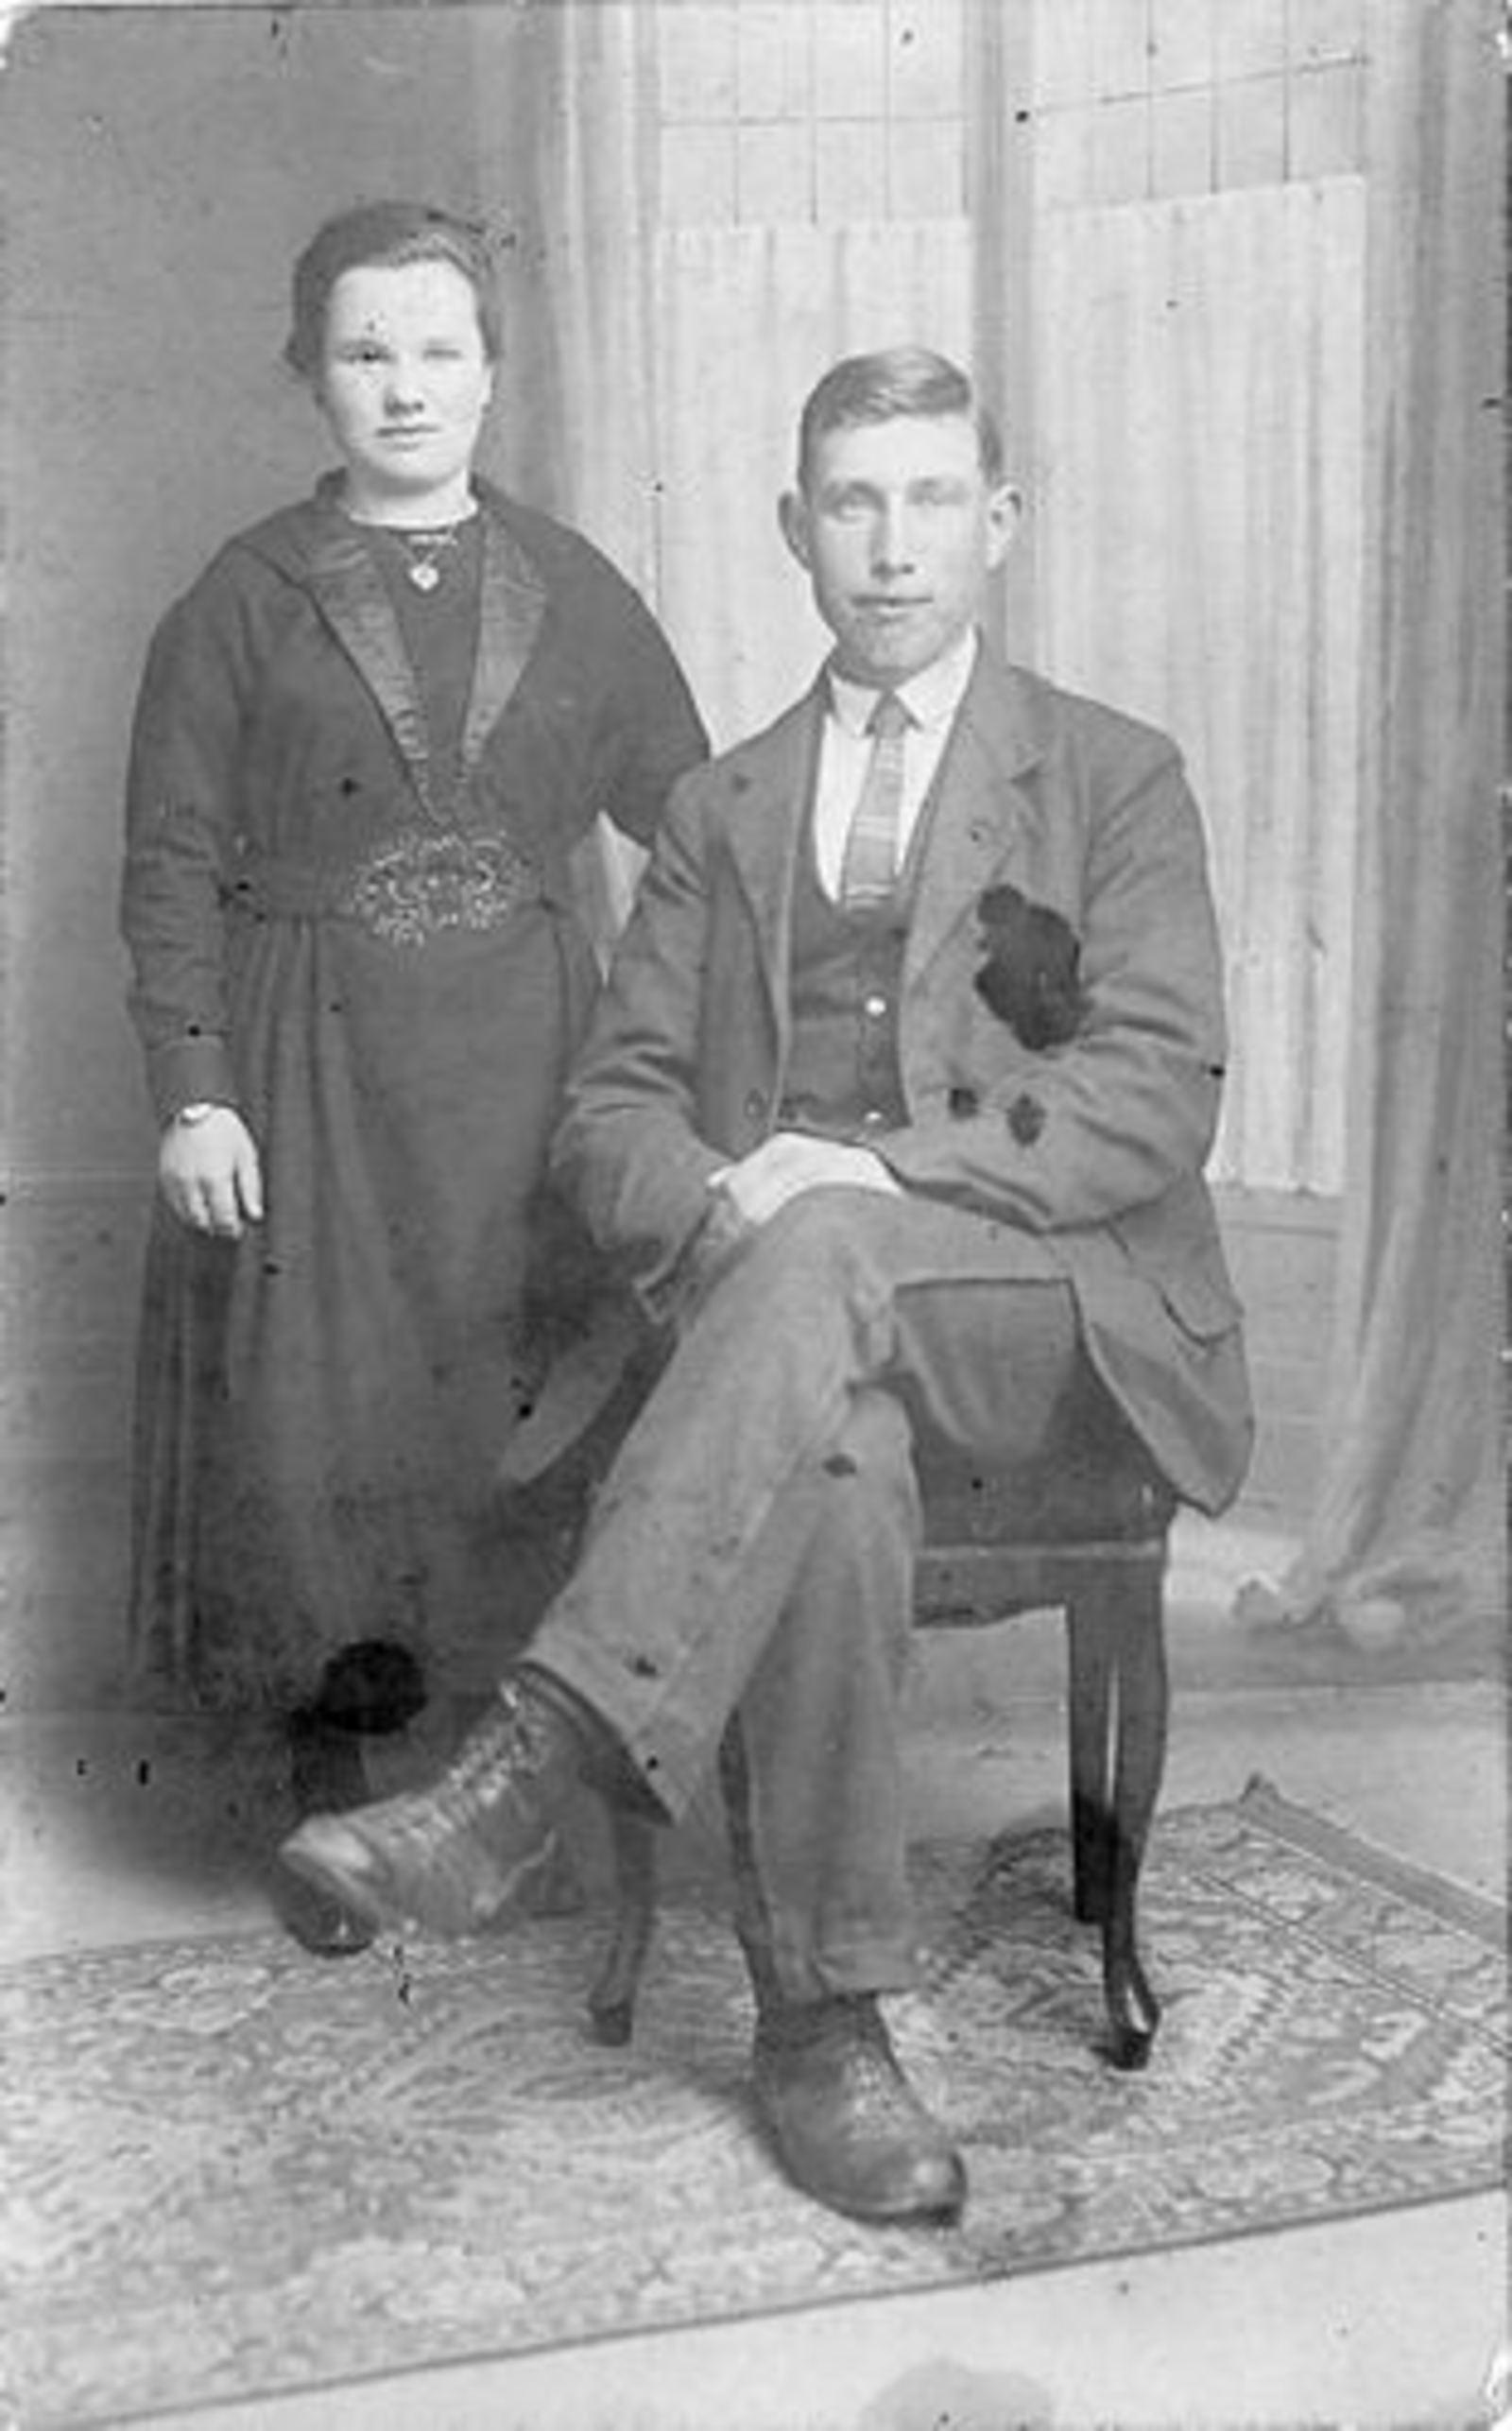 Stroomer Jacob 1902 1923± bij Fotograaf met vrouw Helena M Tool_Exp